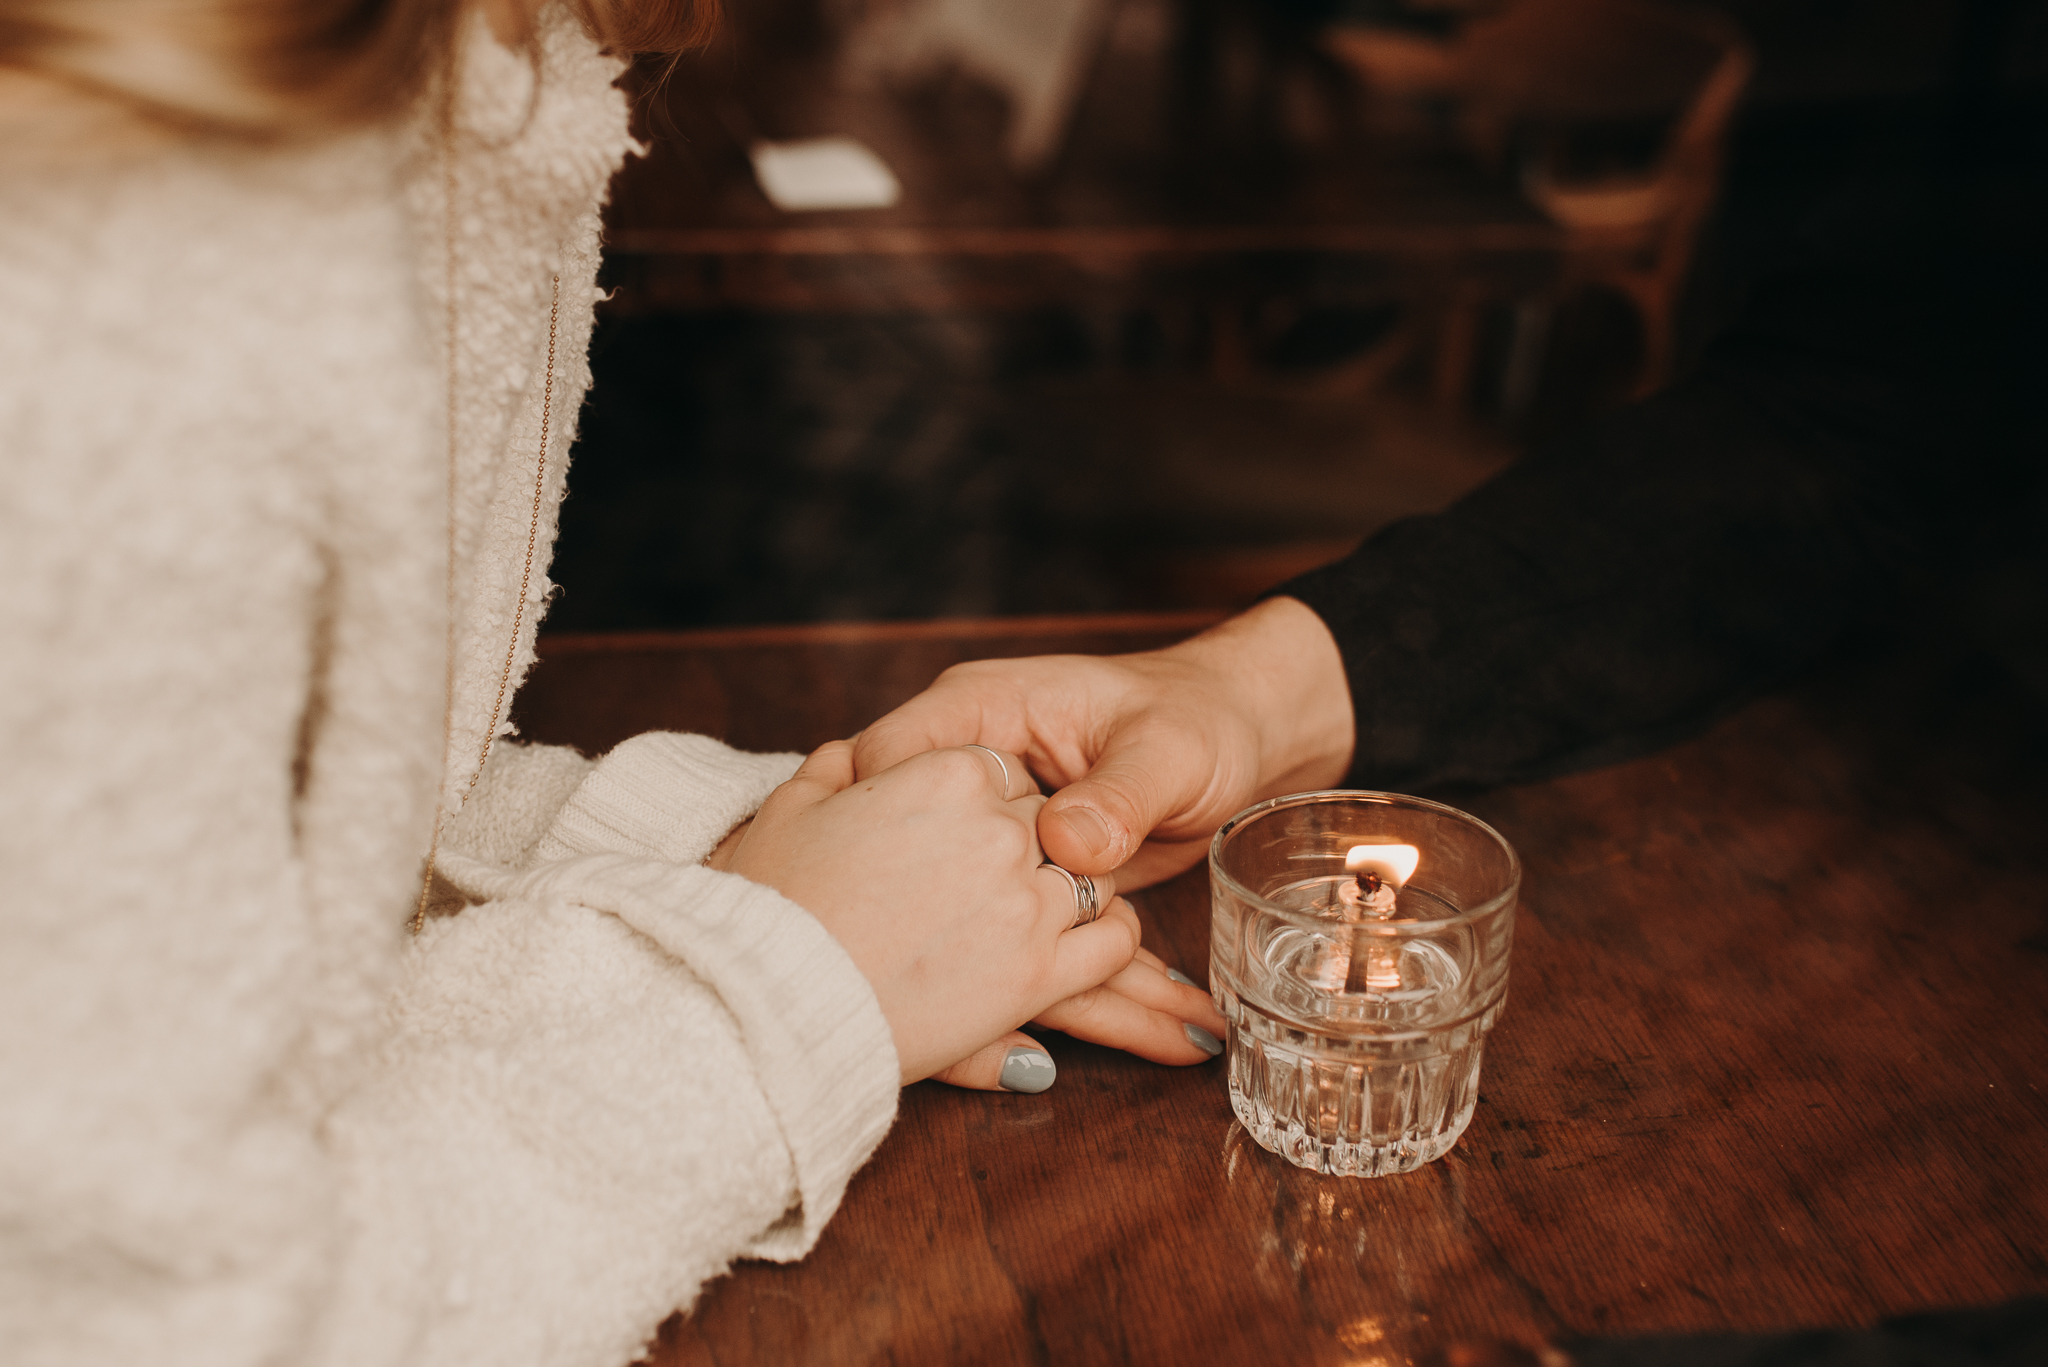 Amanda & Eric Gastown Vancouver Engagement Session - Laura Olson Photography - Sunshine Coast BC Photographer - Vancouver Photographer-2079.jpg